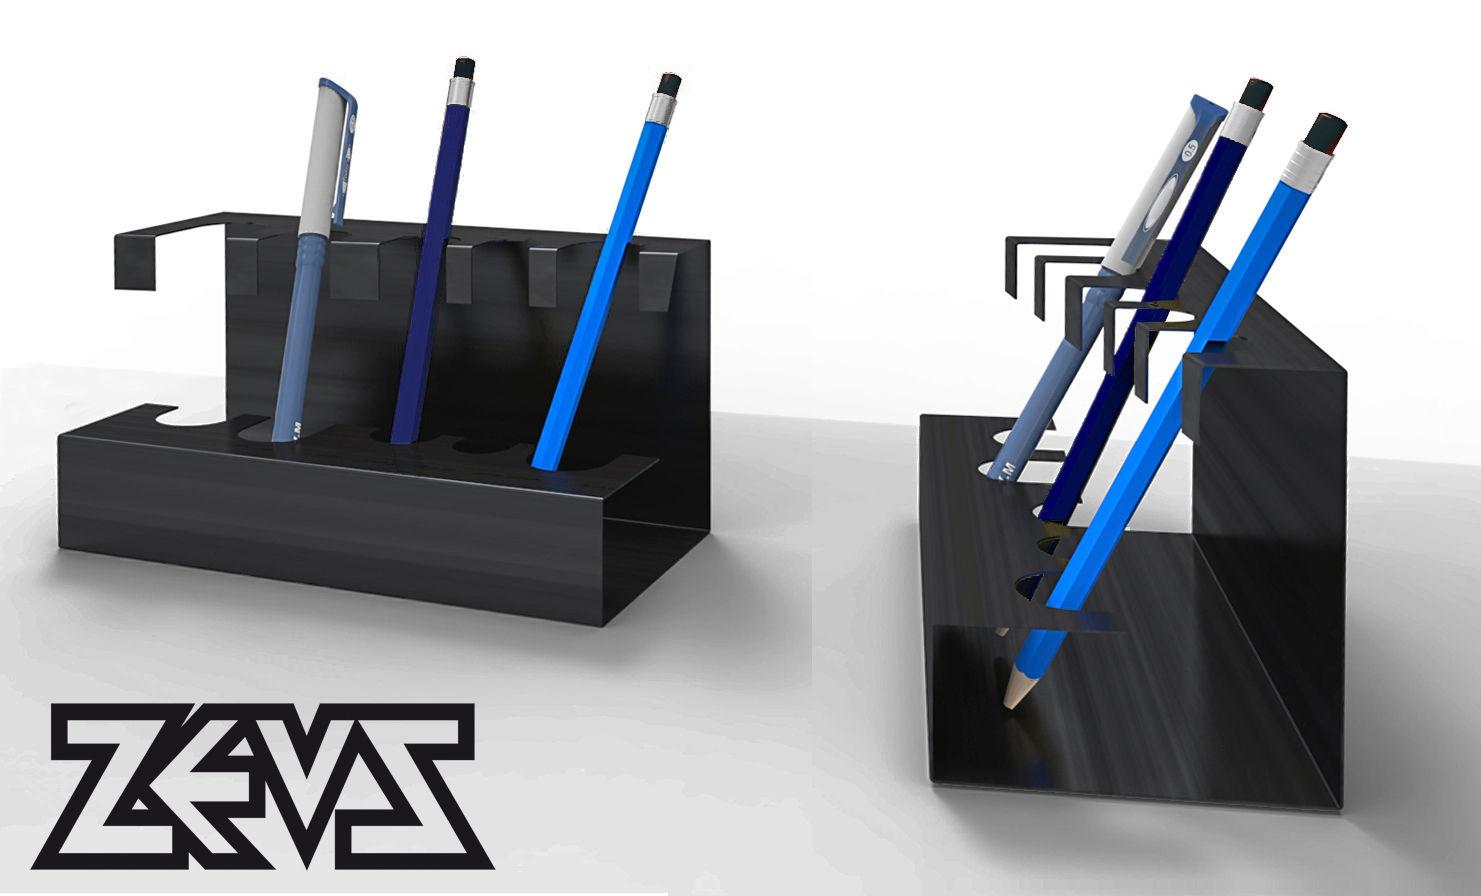 porte stylos zeus pour made in design mod le exclusif en dition limit e noir phosphat zeus. Black Bedroom Furniture Sets. Home Design Ideas